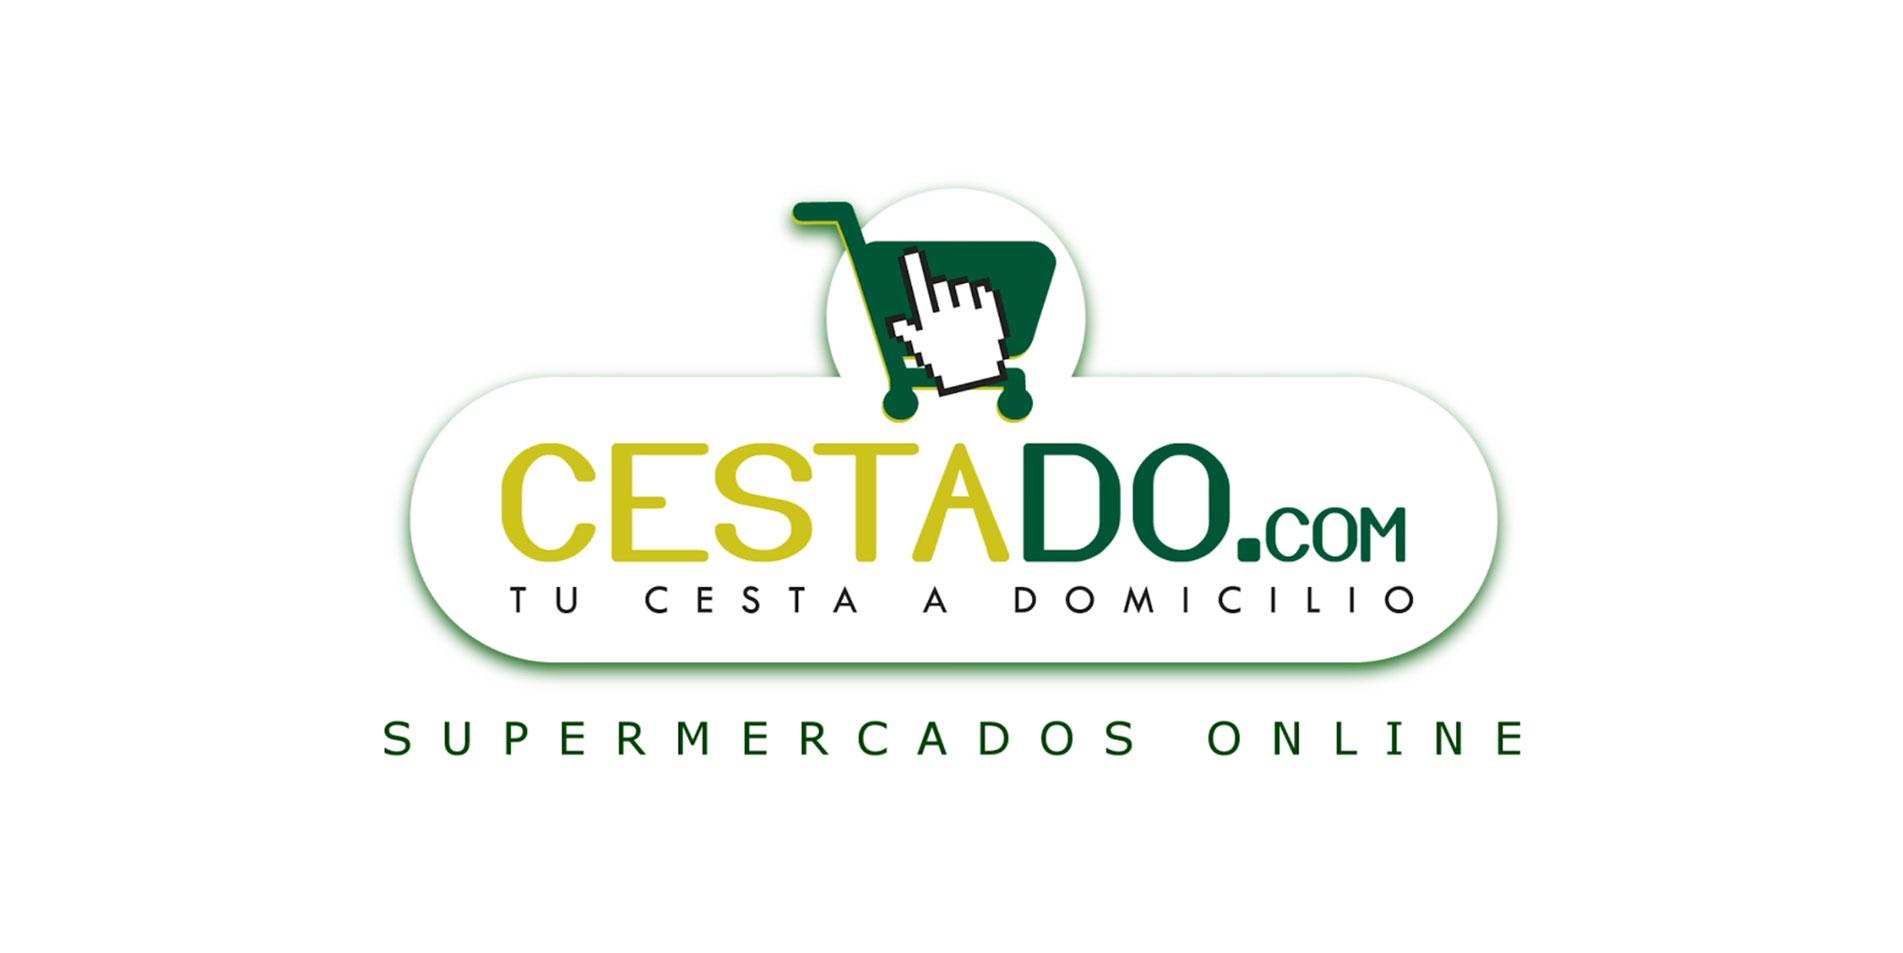 Playmark_Cestado